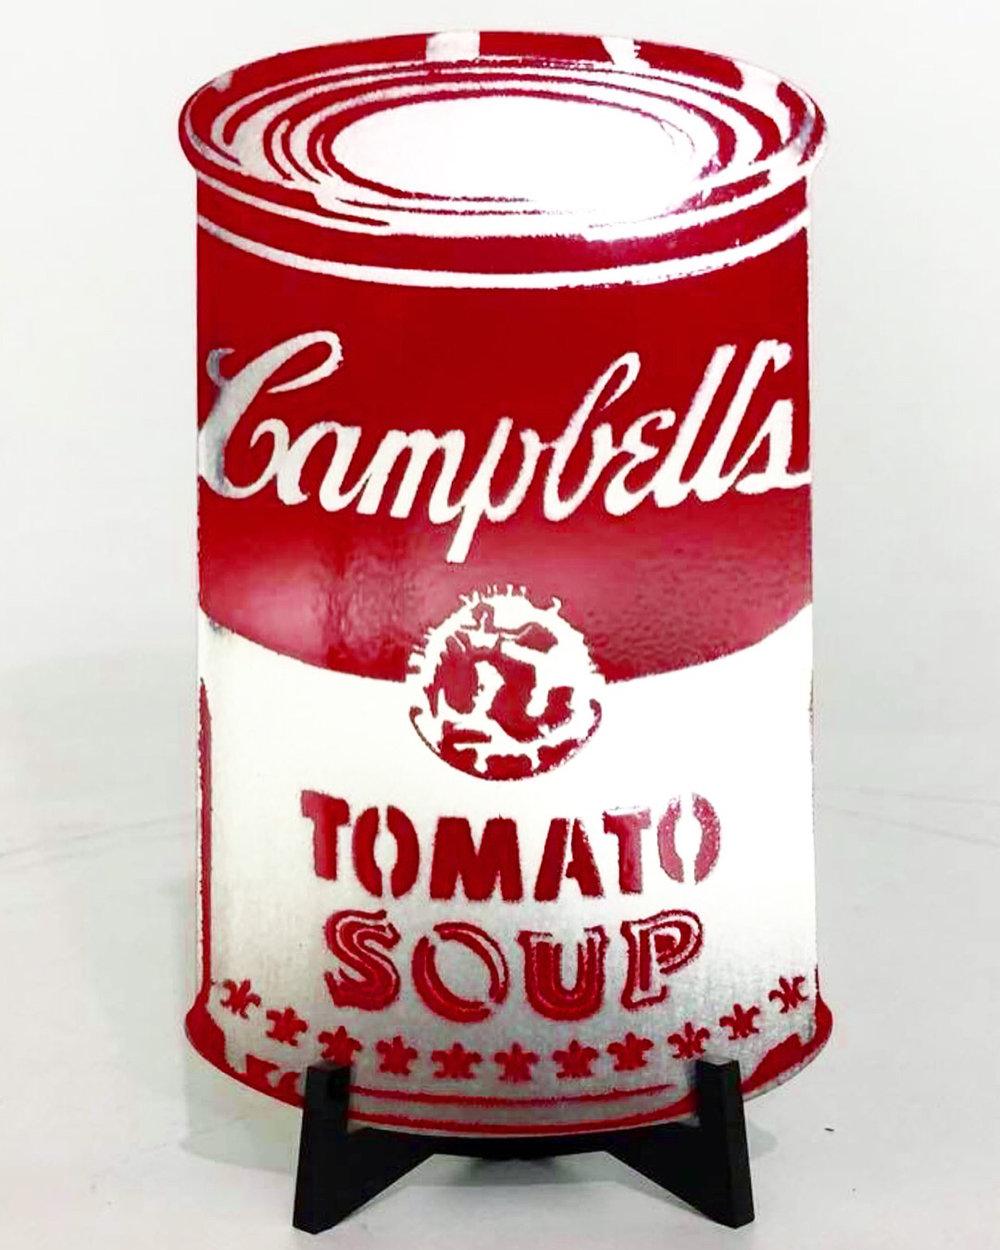 CampbellsInoxRED.jpg